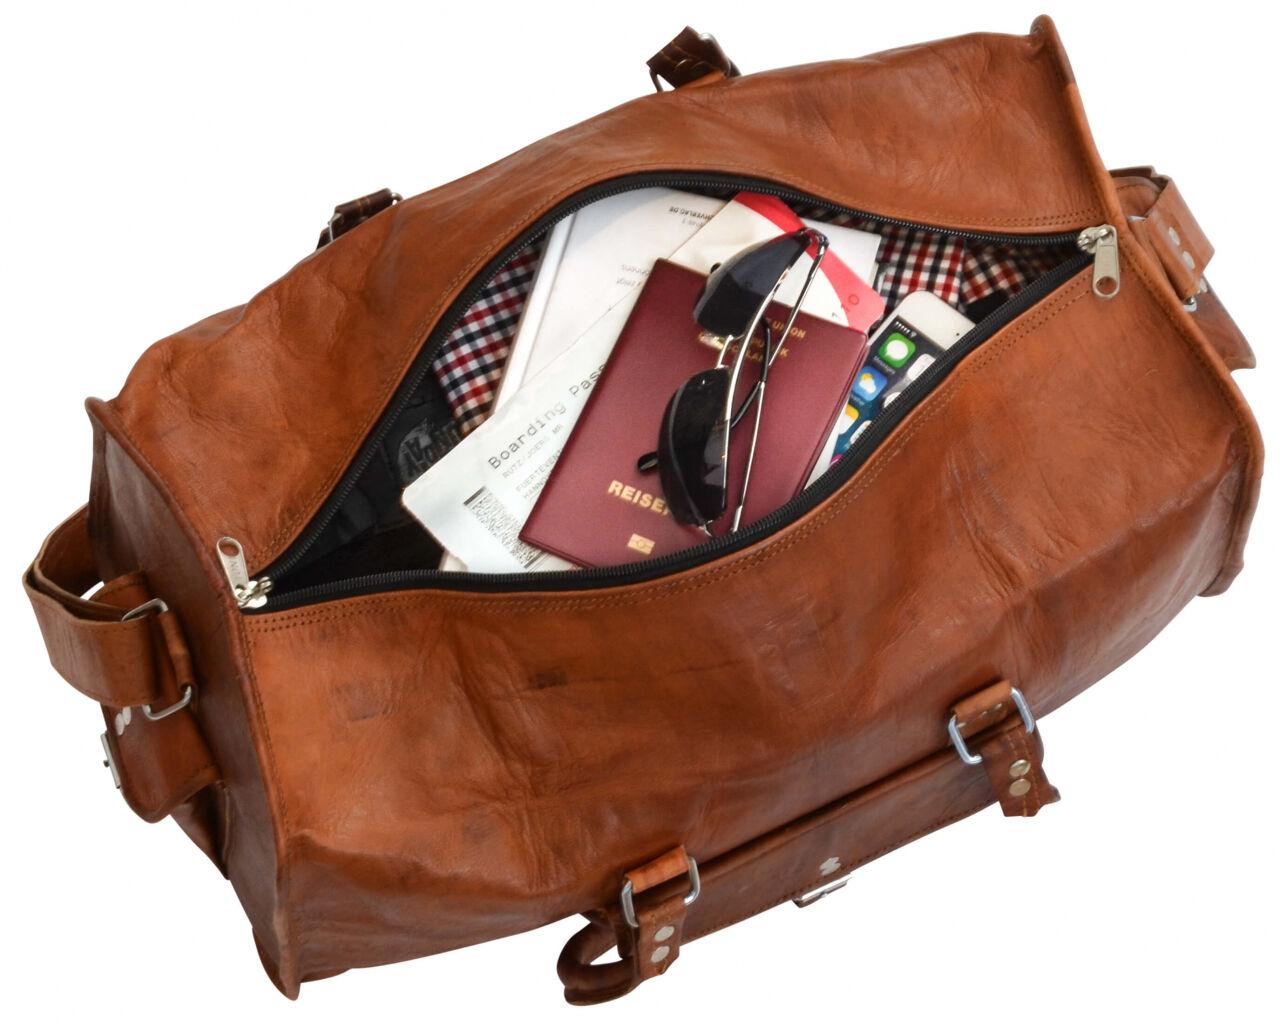 Outlet Reisetasche - kleine Farbunterschiede im Leder - Leder leicht fettig - ansonsten neu - siehe